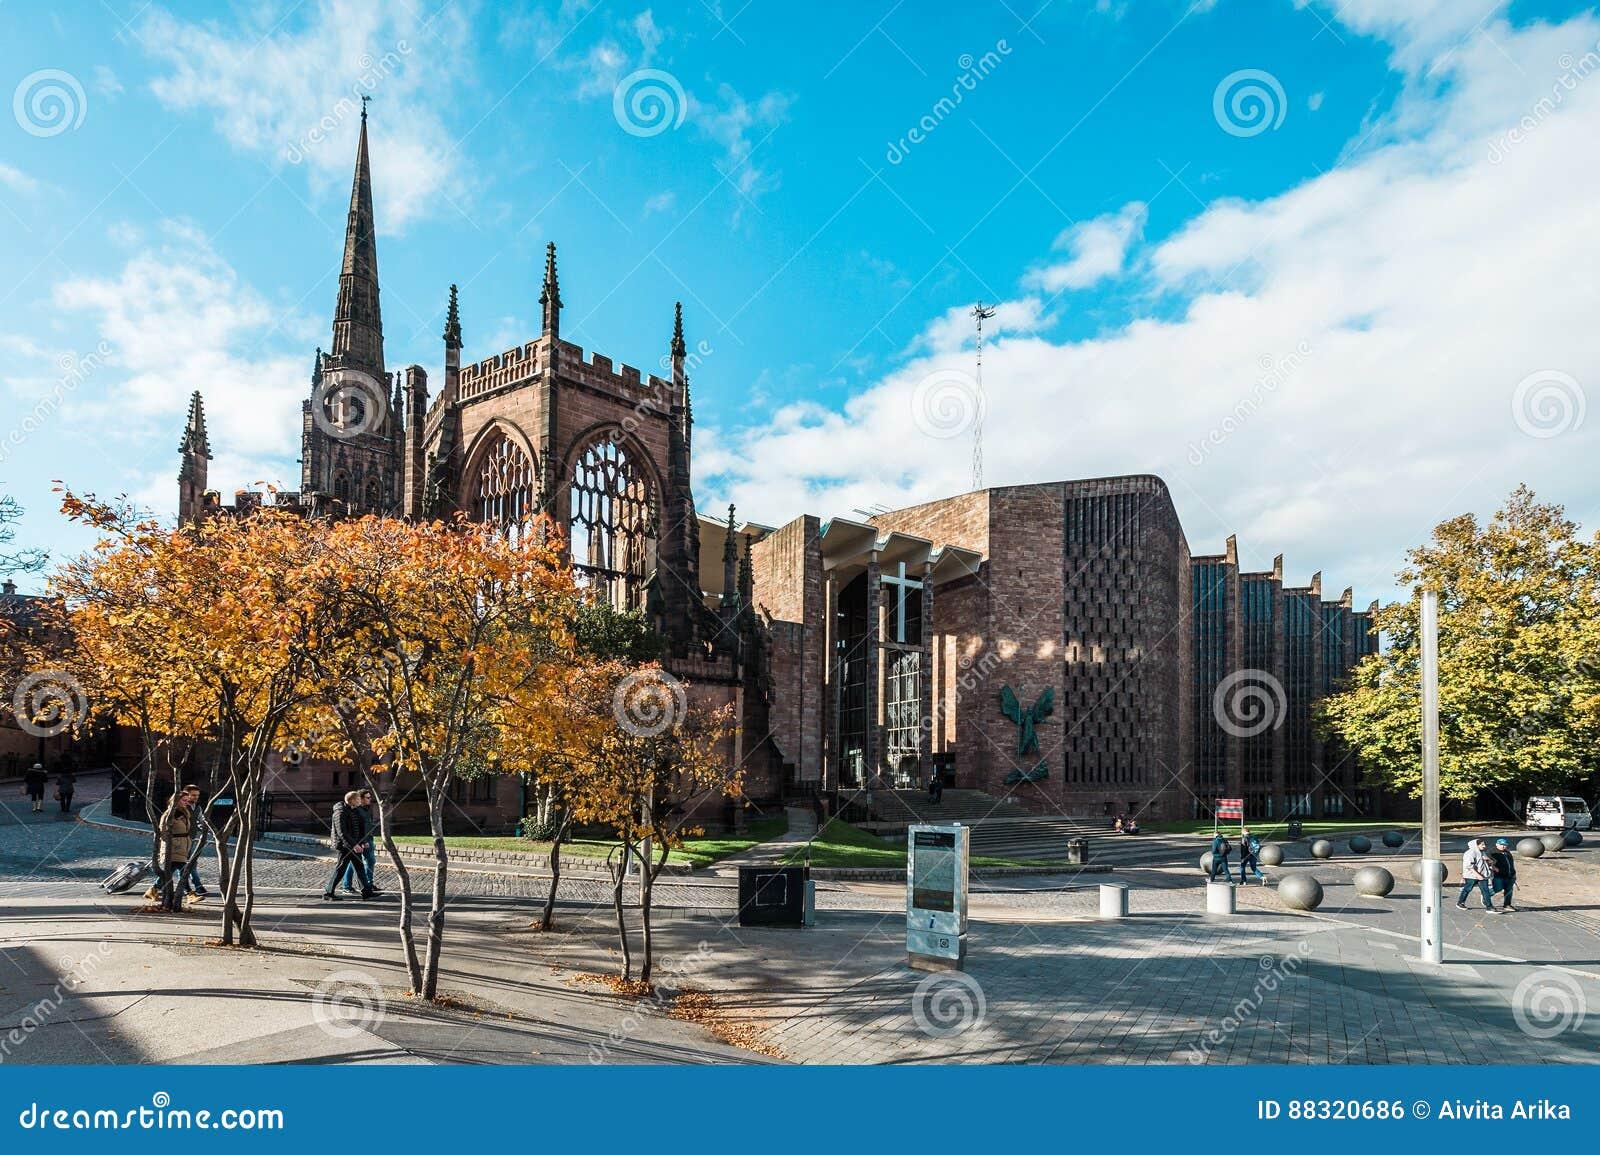 Iglesia de la catedral de San Miguel en Coventry, Inglaterra